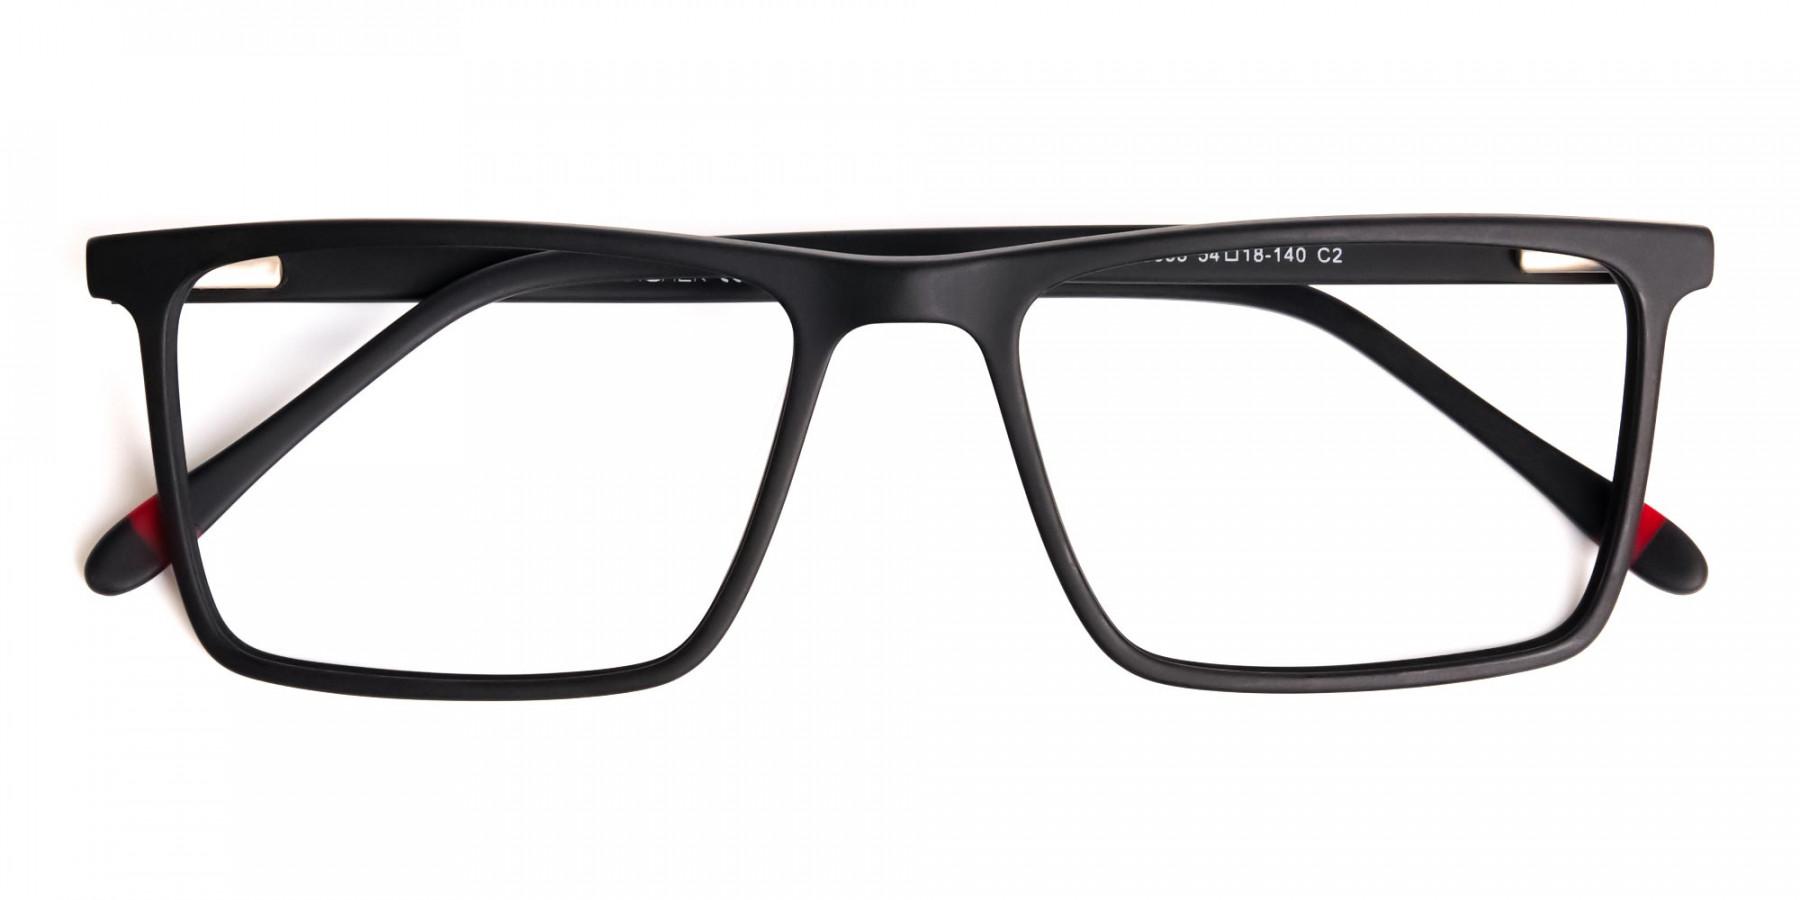 matte-black-full-rim-rectangular-glasses-frames-1